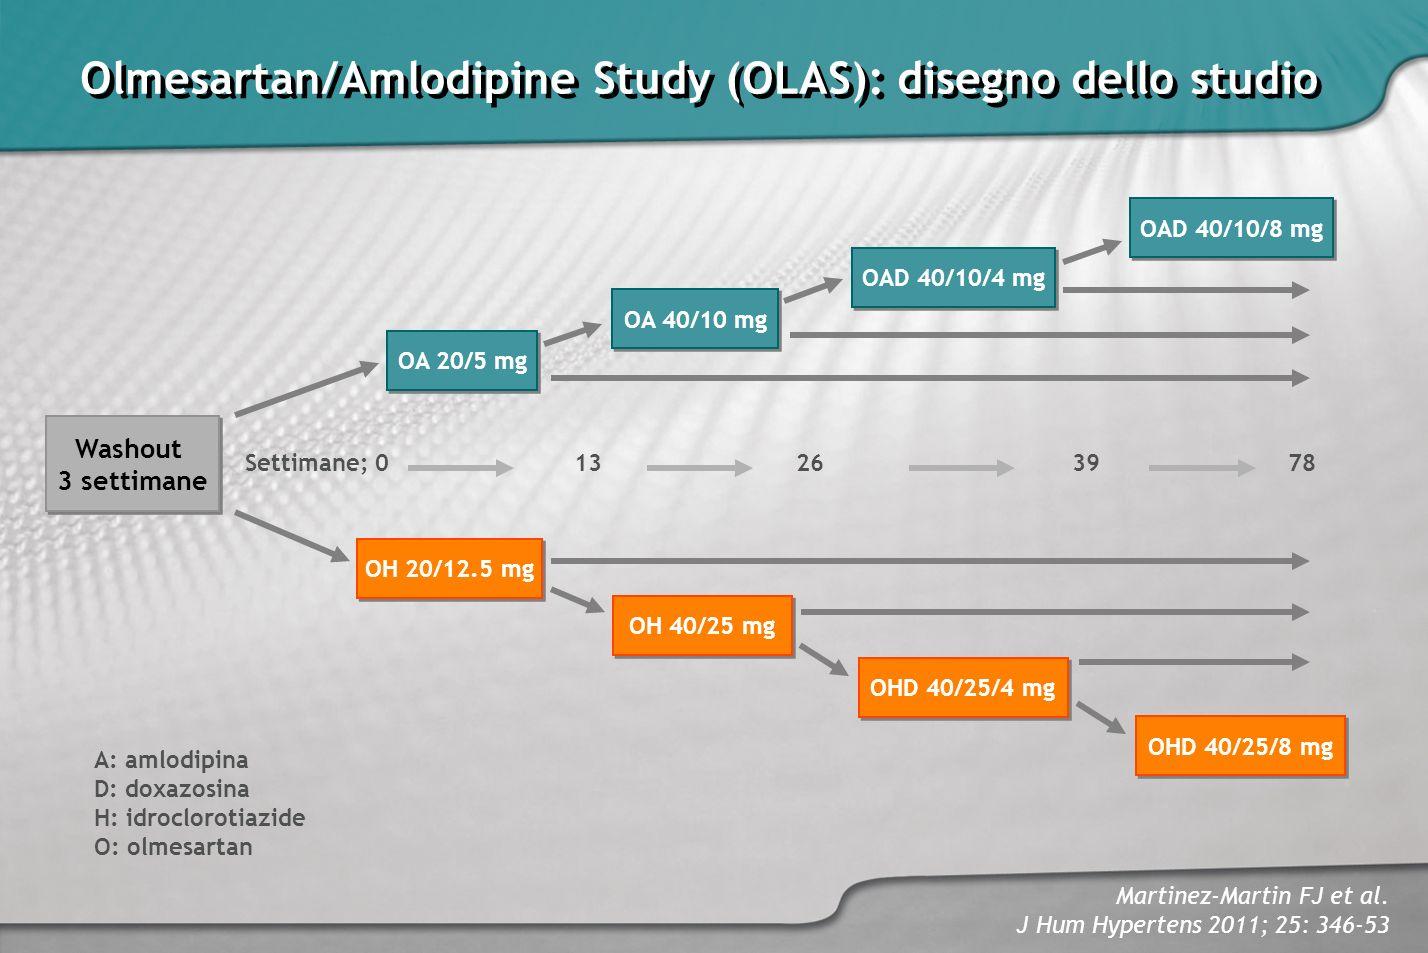 Olmesartan/Amlodipine Study (OLAS): disegno dello studio